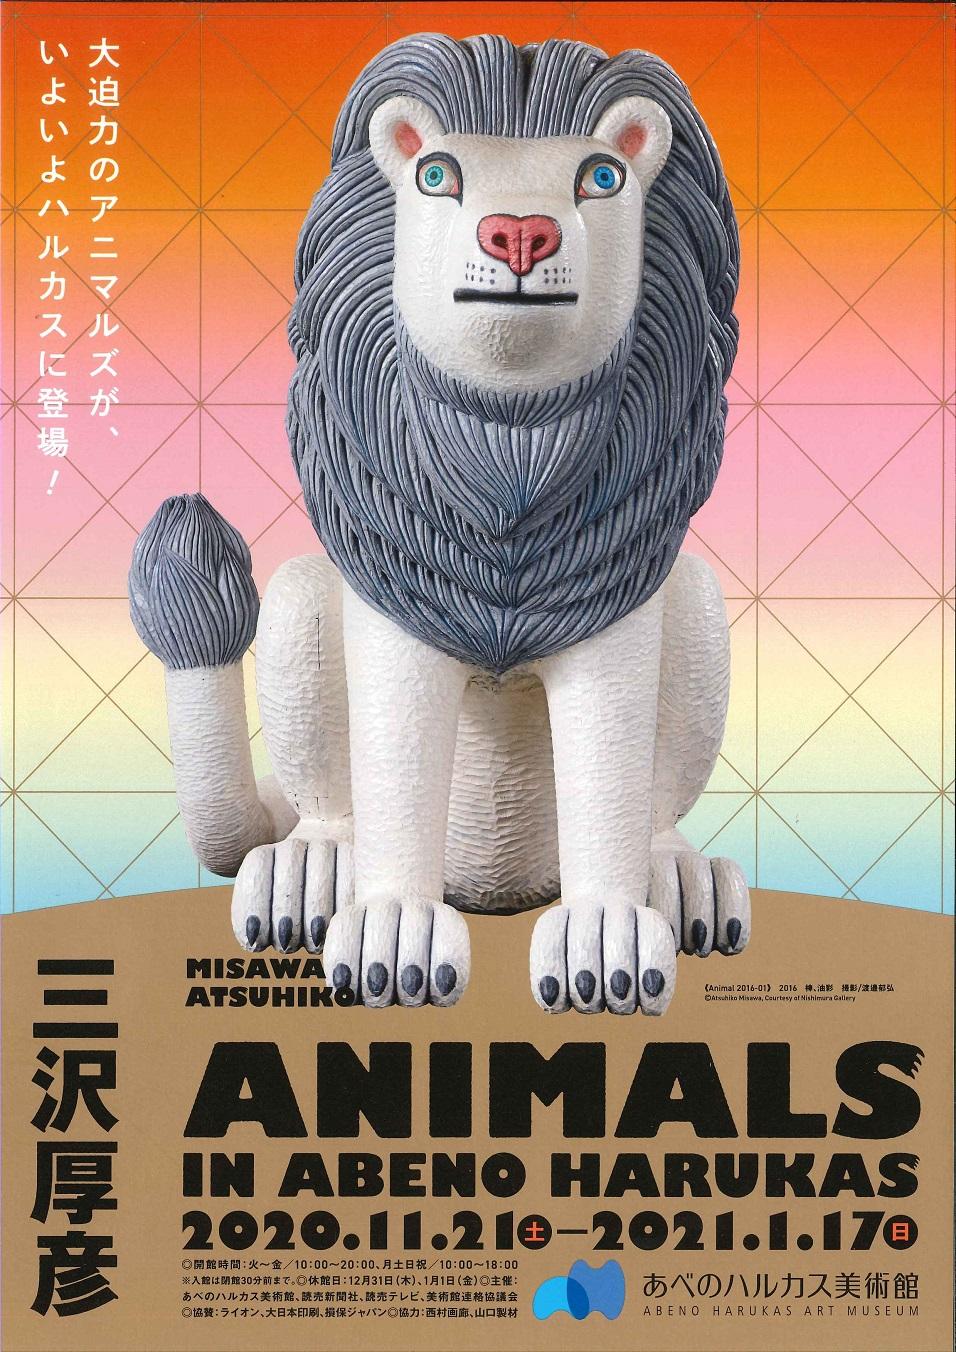 三沢厚彦 ANIMALS IN ABENO HARUKAS<br>(あべのハルカス美術館)